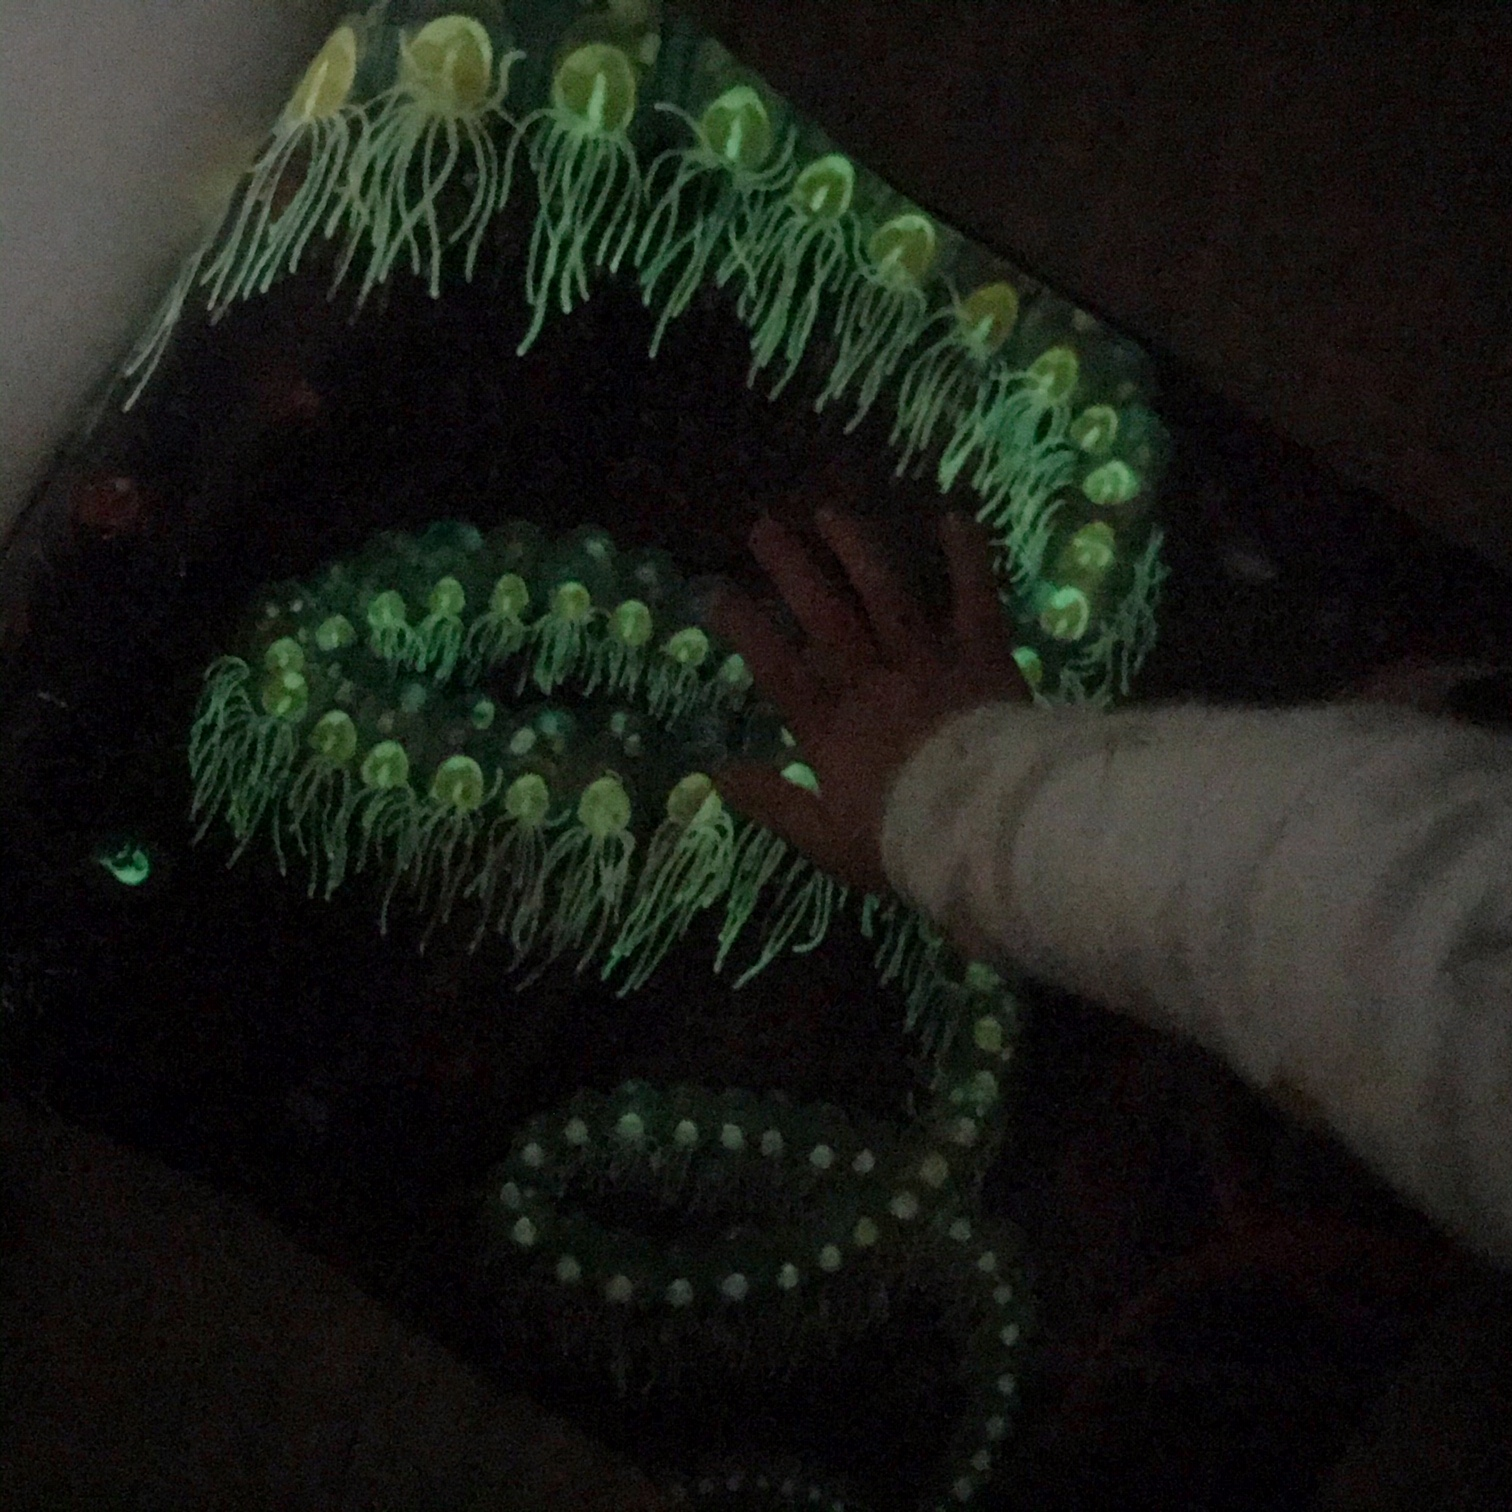 dieren in de nacht kinderboeken met glow in the dark